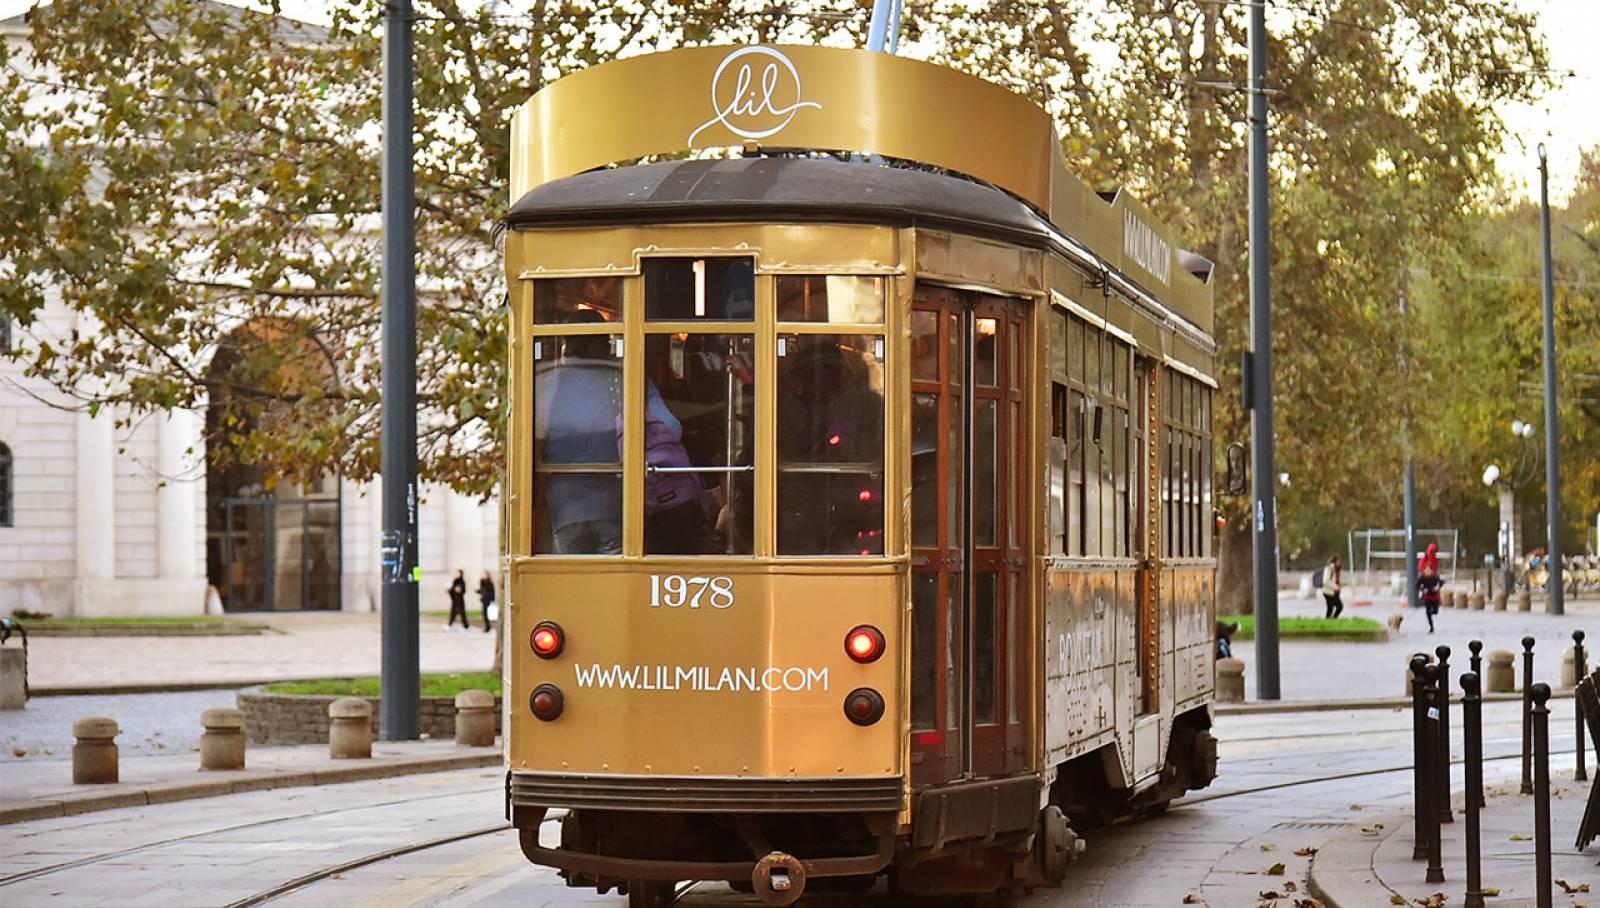 Pubblicità Out of Home a Milano IGPDecaux tram decorato per LIL